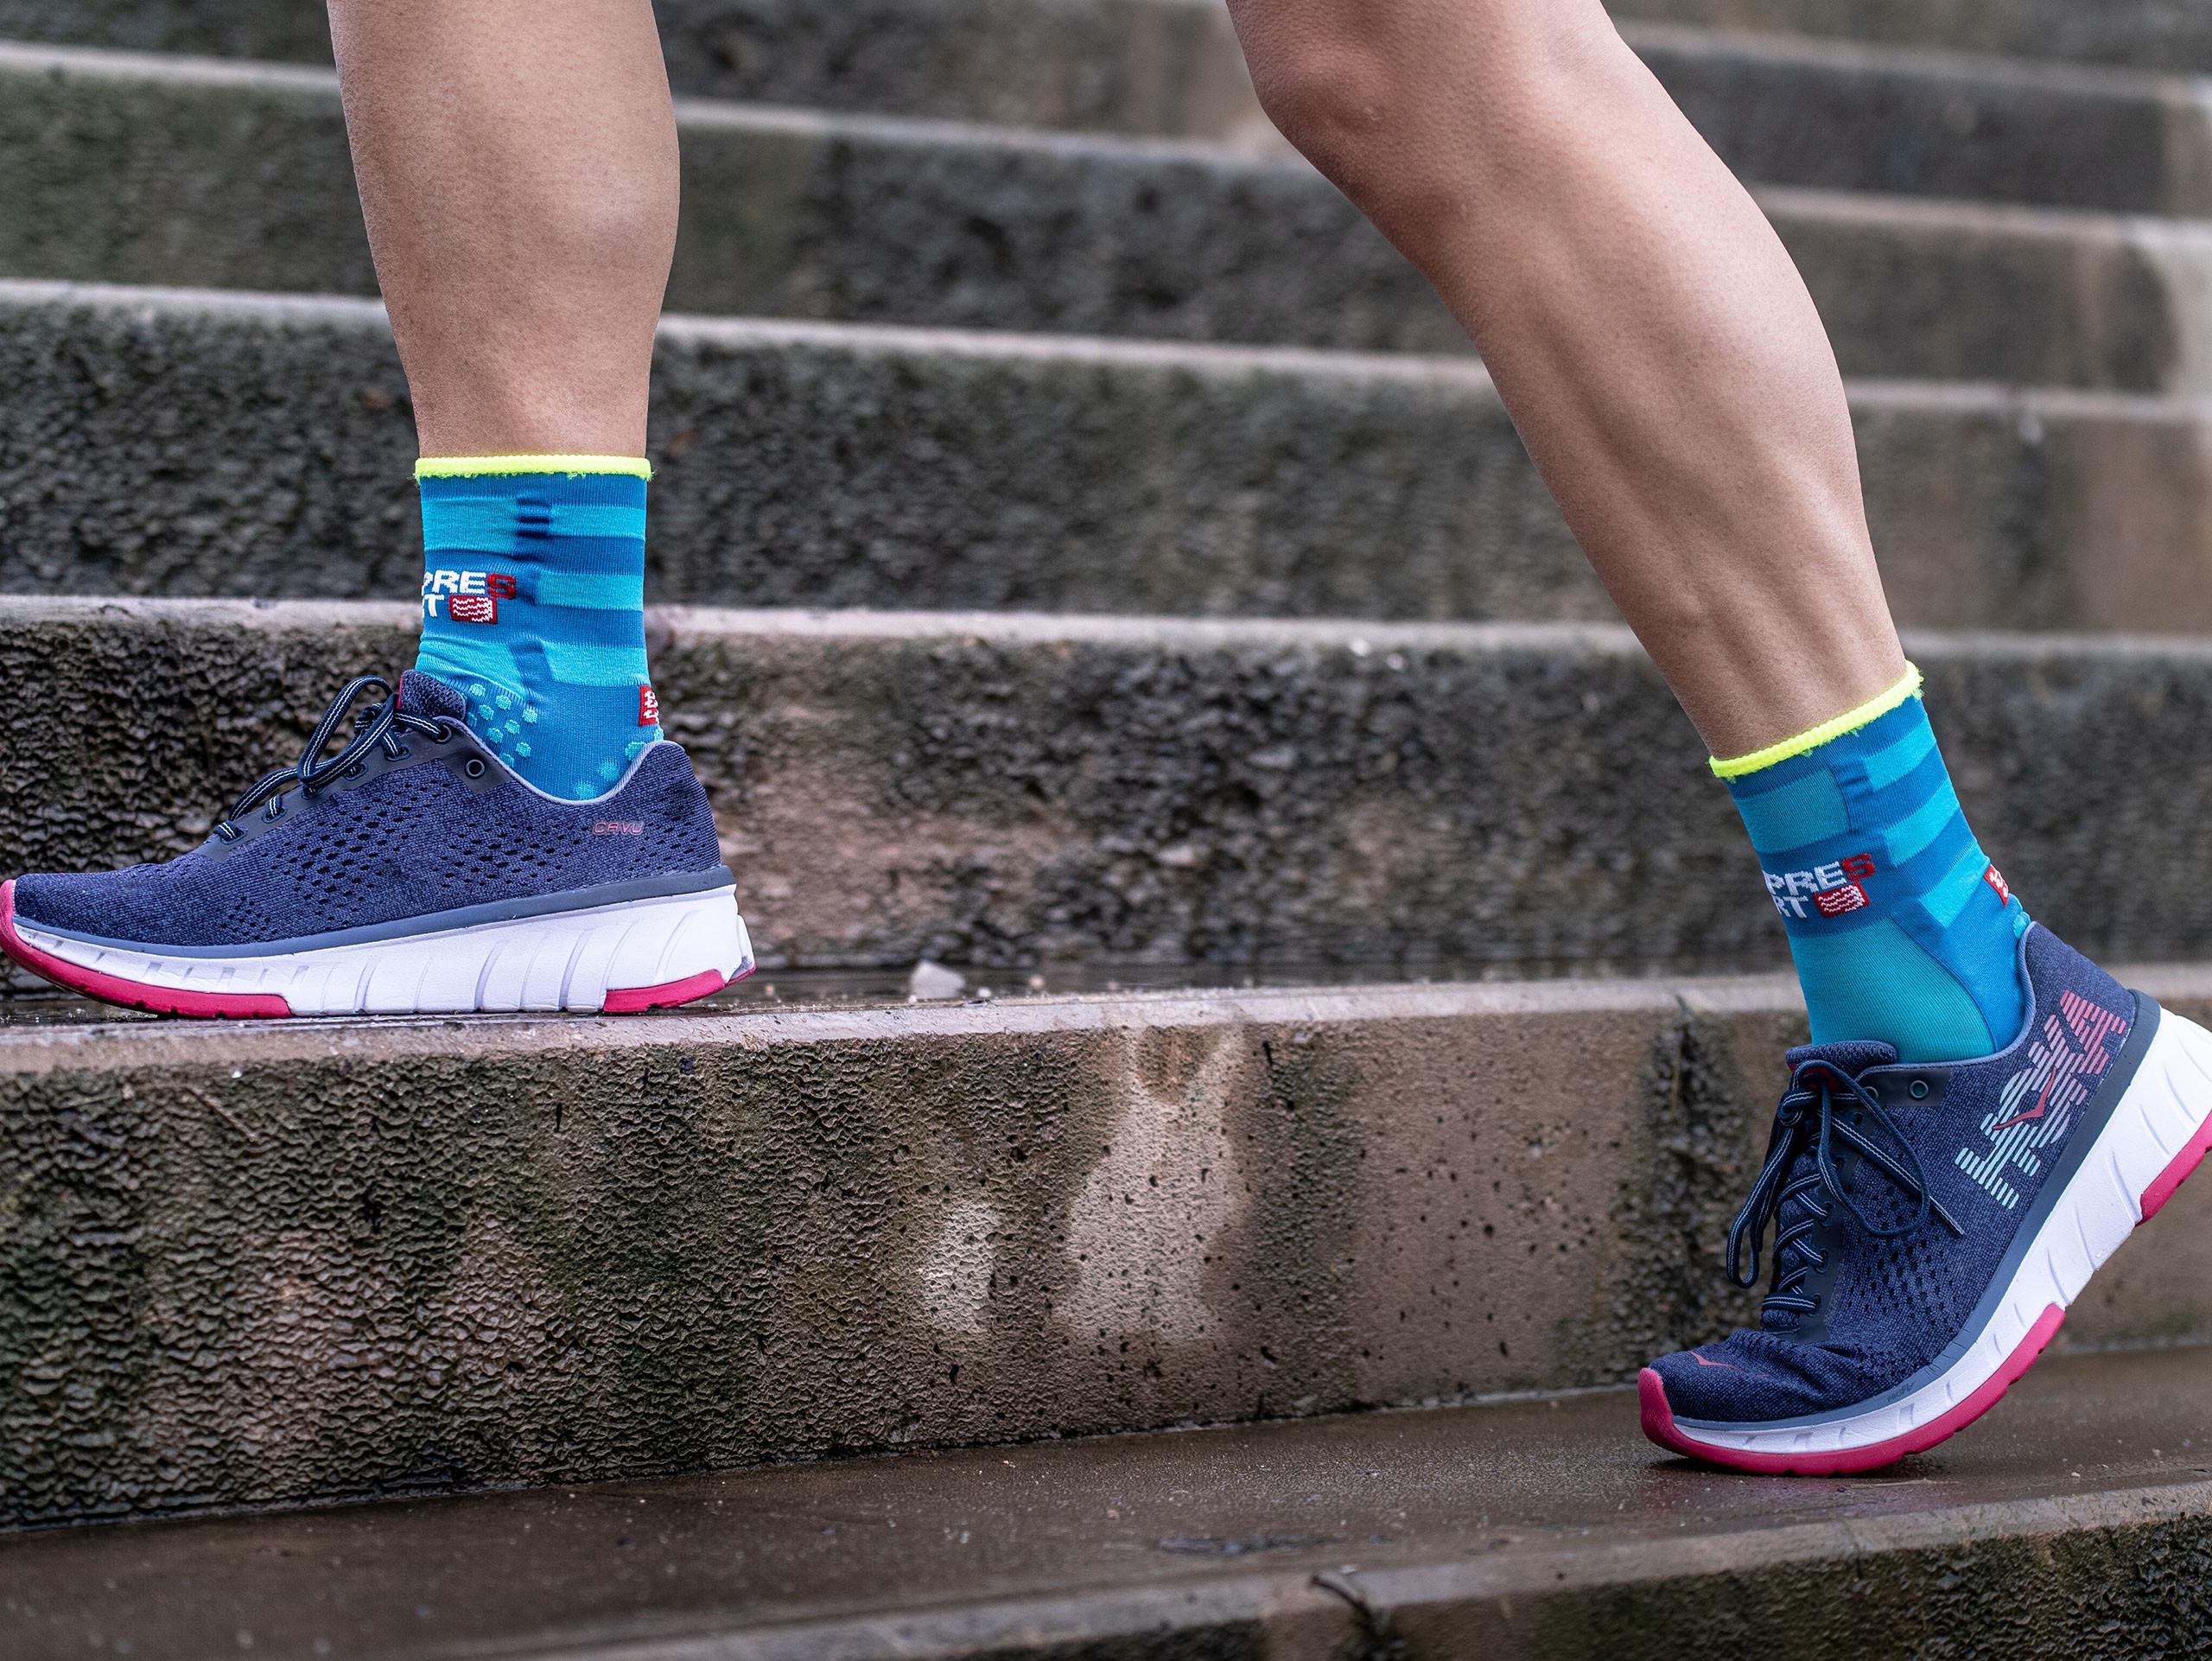 Pro Racing Socks v3.0 Run Ultralight Run High fluo blue